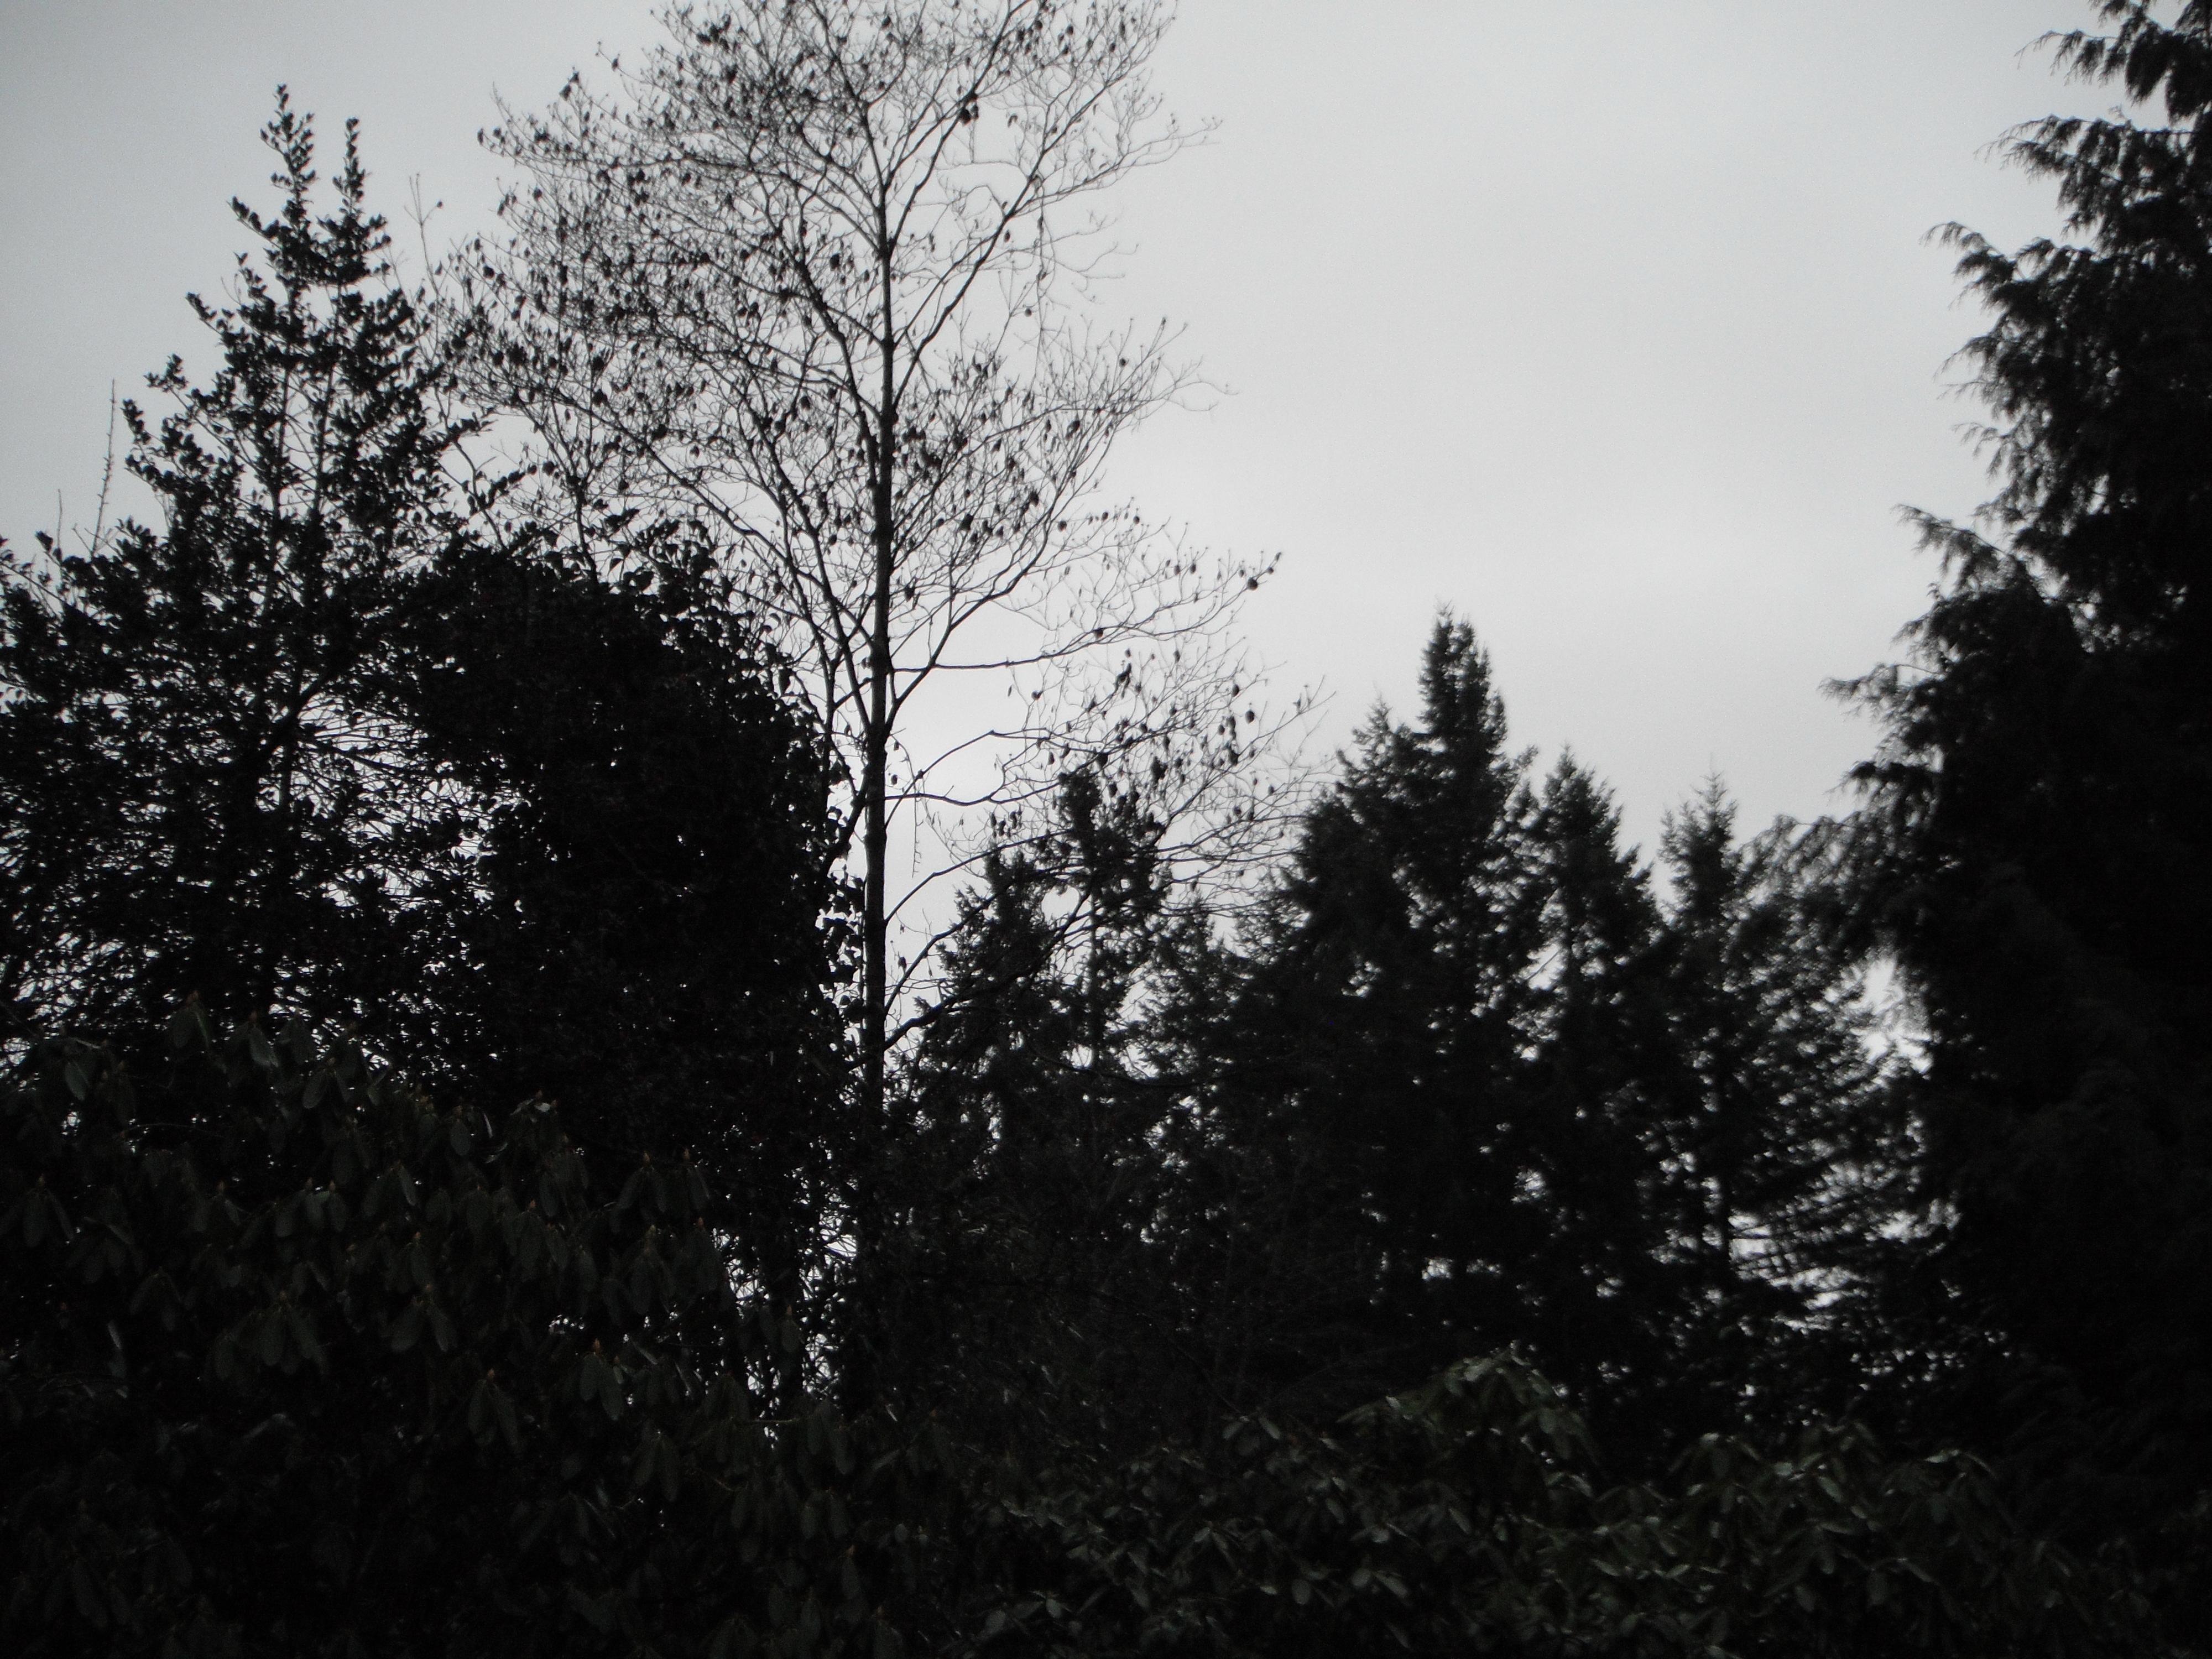 Jan 13